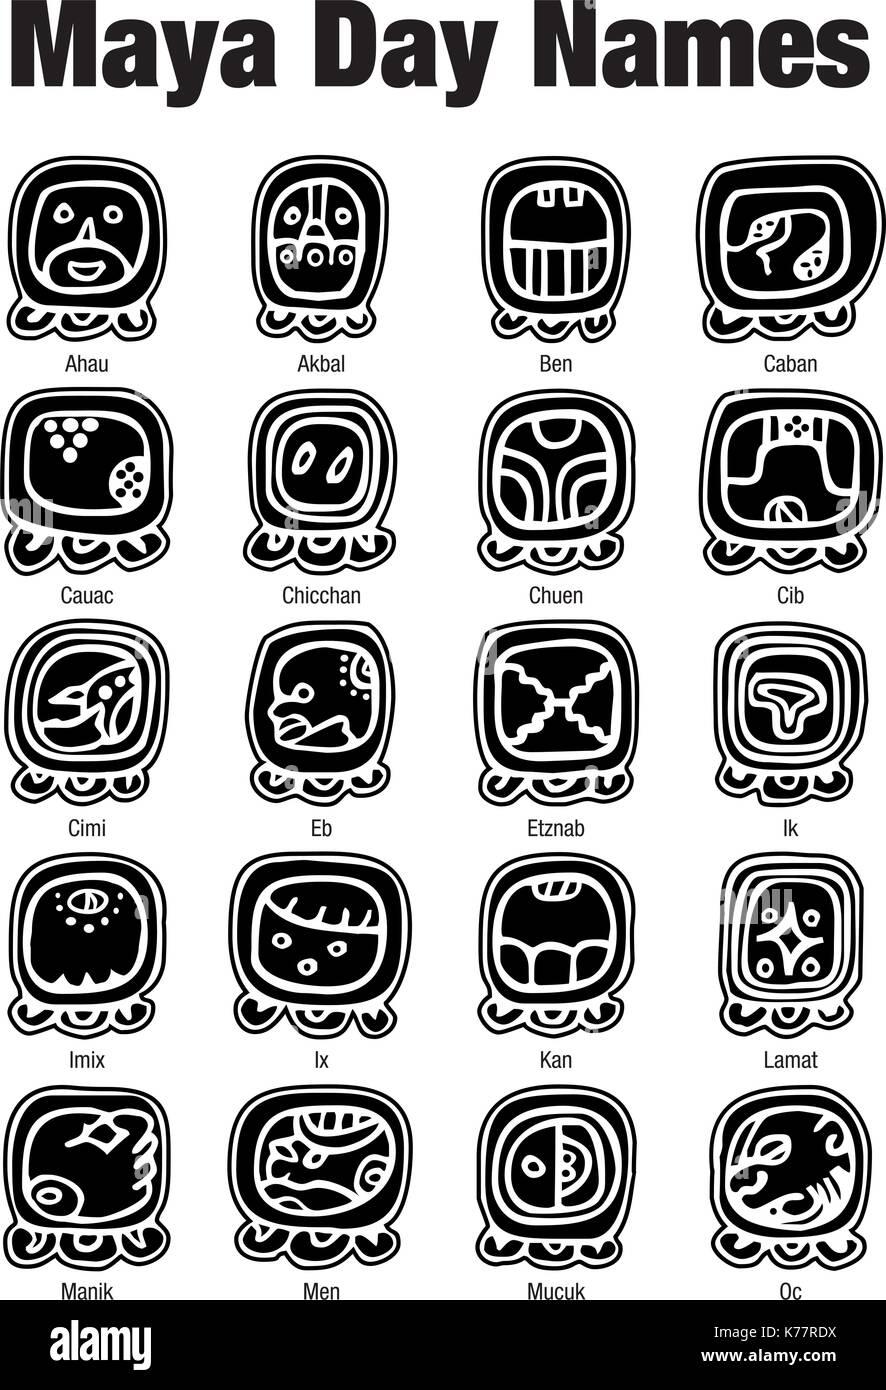 Los Nombres De Día Glifos Mayas En Color Negro Sobre Fondo Blanco